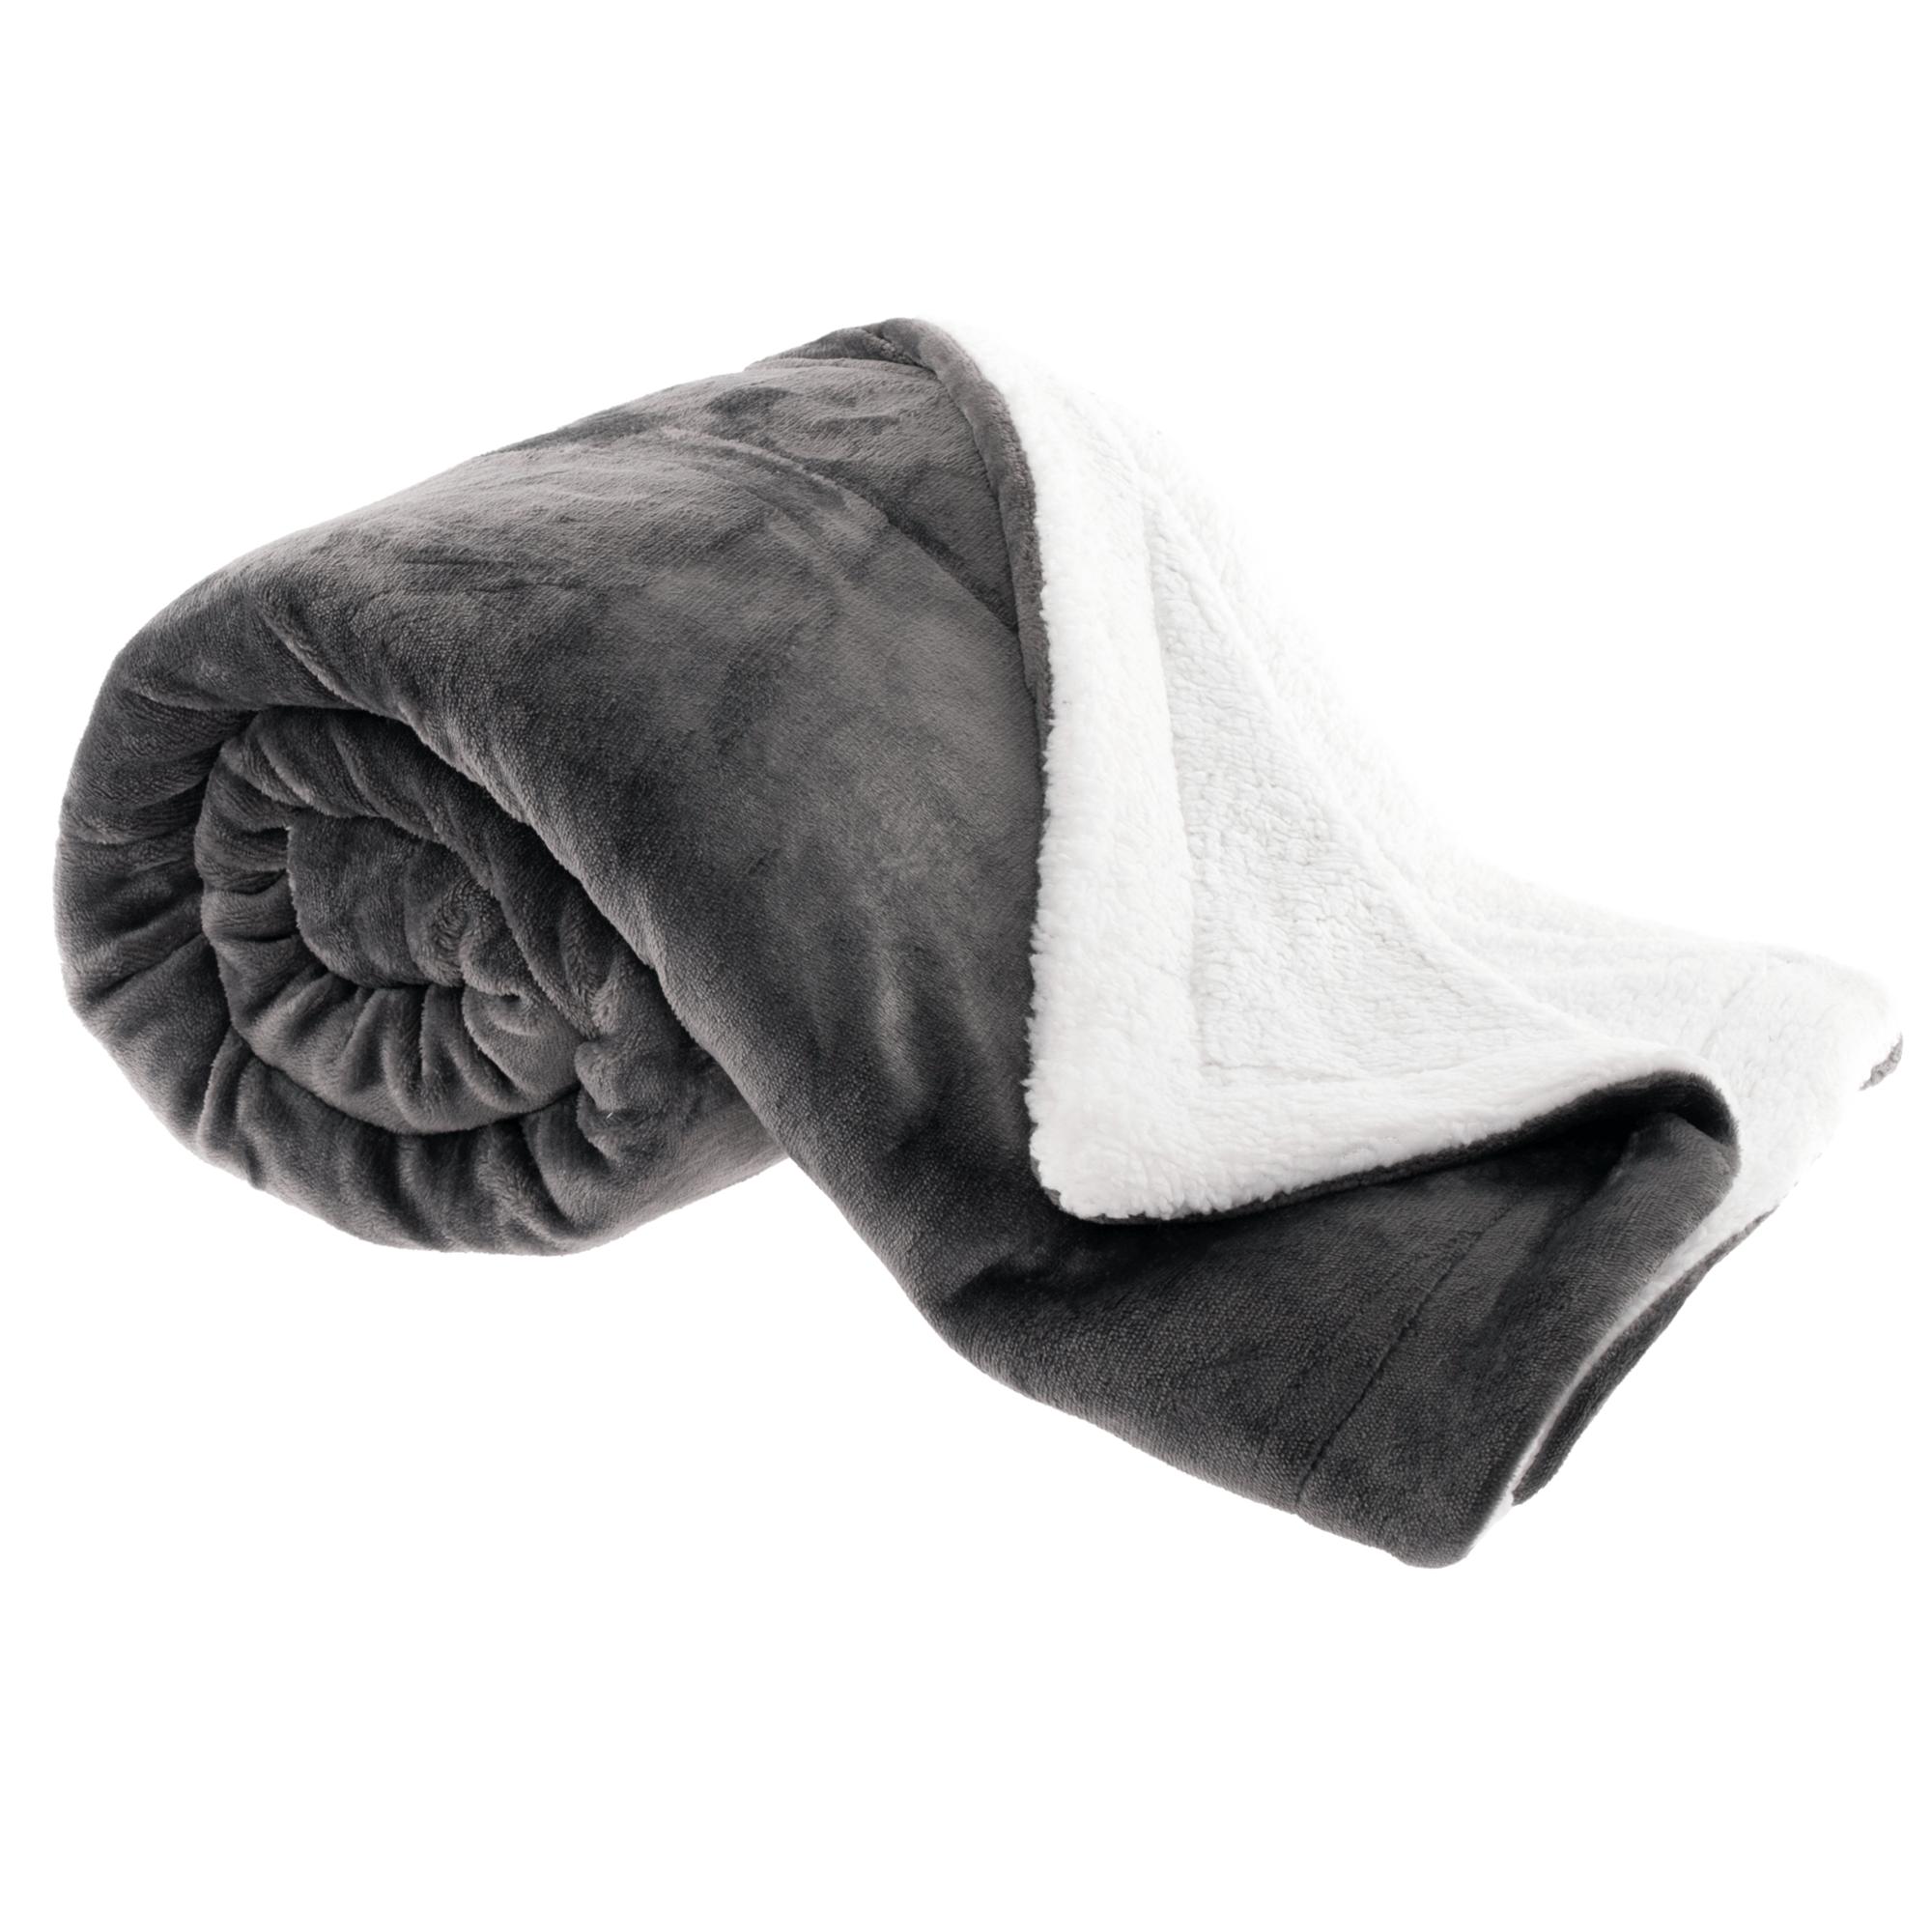 Kétoldalas bárány takaró, szürkésbarna taupe/fehér, 150x200cm, ABELE